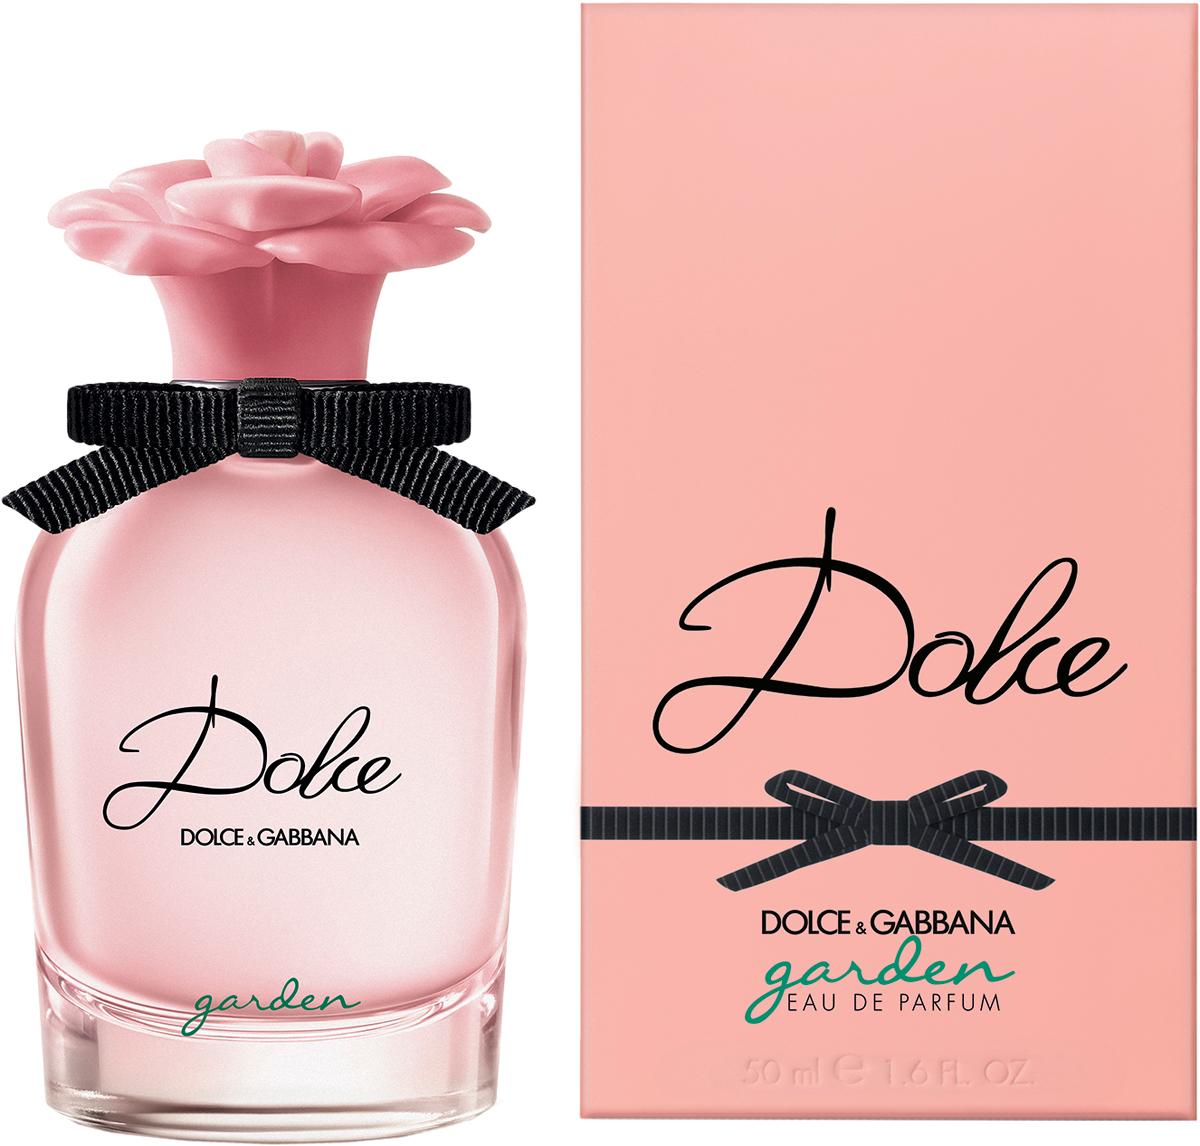 Dolce&Gabbana Dolce Garden Парфюмерная вода женская, 50 мл8400550DGПарфюмерная вода Dolce Garden Eau de Parfum – это восхитительный новыйцветок, распускающийся в сицилийском саду. Жизнерадостная солнечная аурацитрусовых и кремовых нот. С Dolce Garden цветок франжипани входит в букетсемьи ароматов Dolce.В обласканных солнцем верхних нотах лучатся сиянием сочный мандарин,яркие нероли и воздушная магнолия. Кокосовая эссенция, уникальныйнатуральный экстракт из белой мякоти плода, подчеркивает кремовуюсвежесть цветочных лепестков франжипани. Шелковистый миндальный аккорднапоминает о традиционных сладких благоуханиях Сицилии. Обогащенныйабсолю ванили и экстрактом сандалового дерева, он продлевает в шлейфеизысканную чувственность нот франжипани.